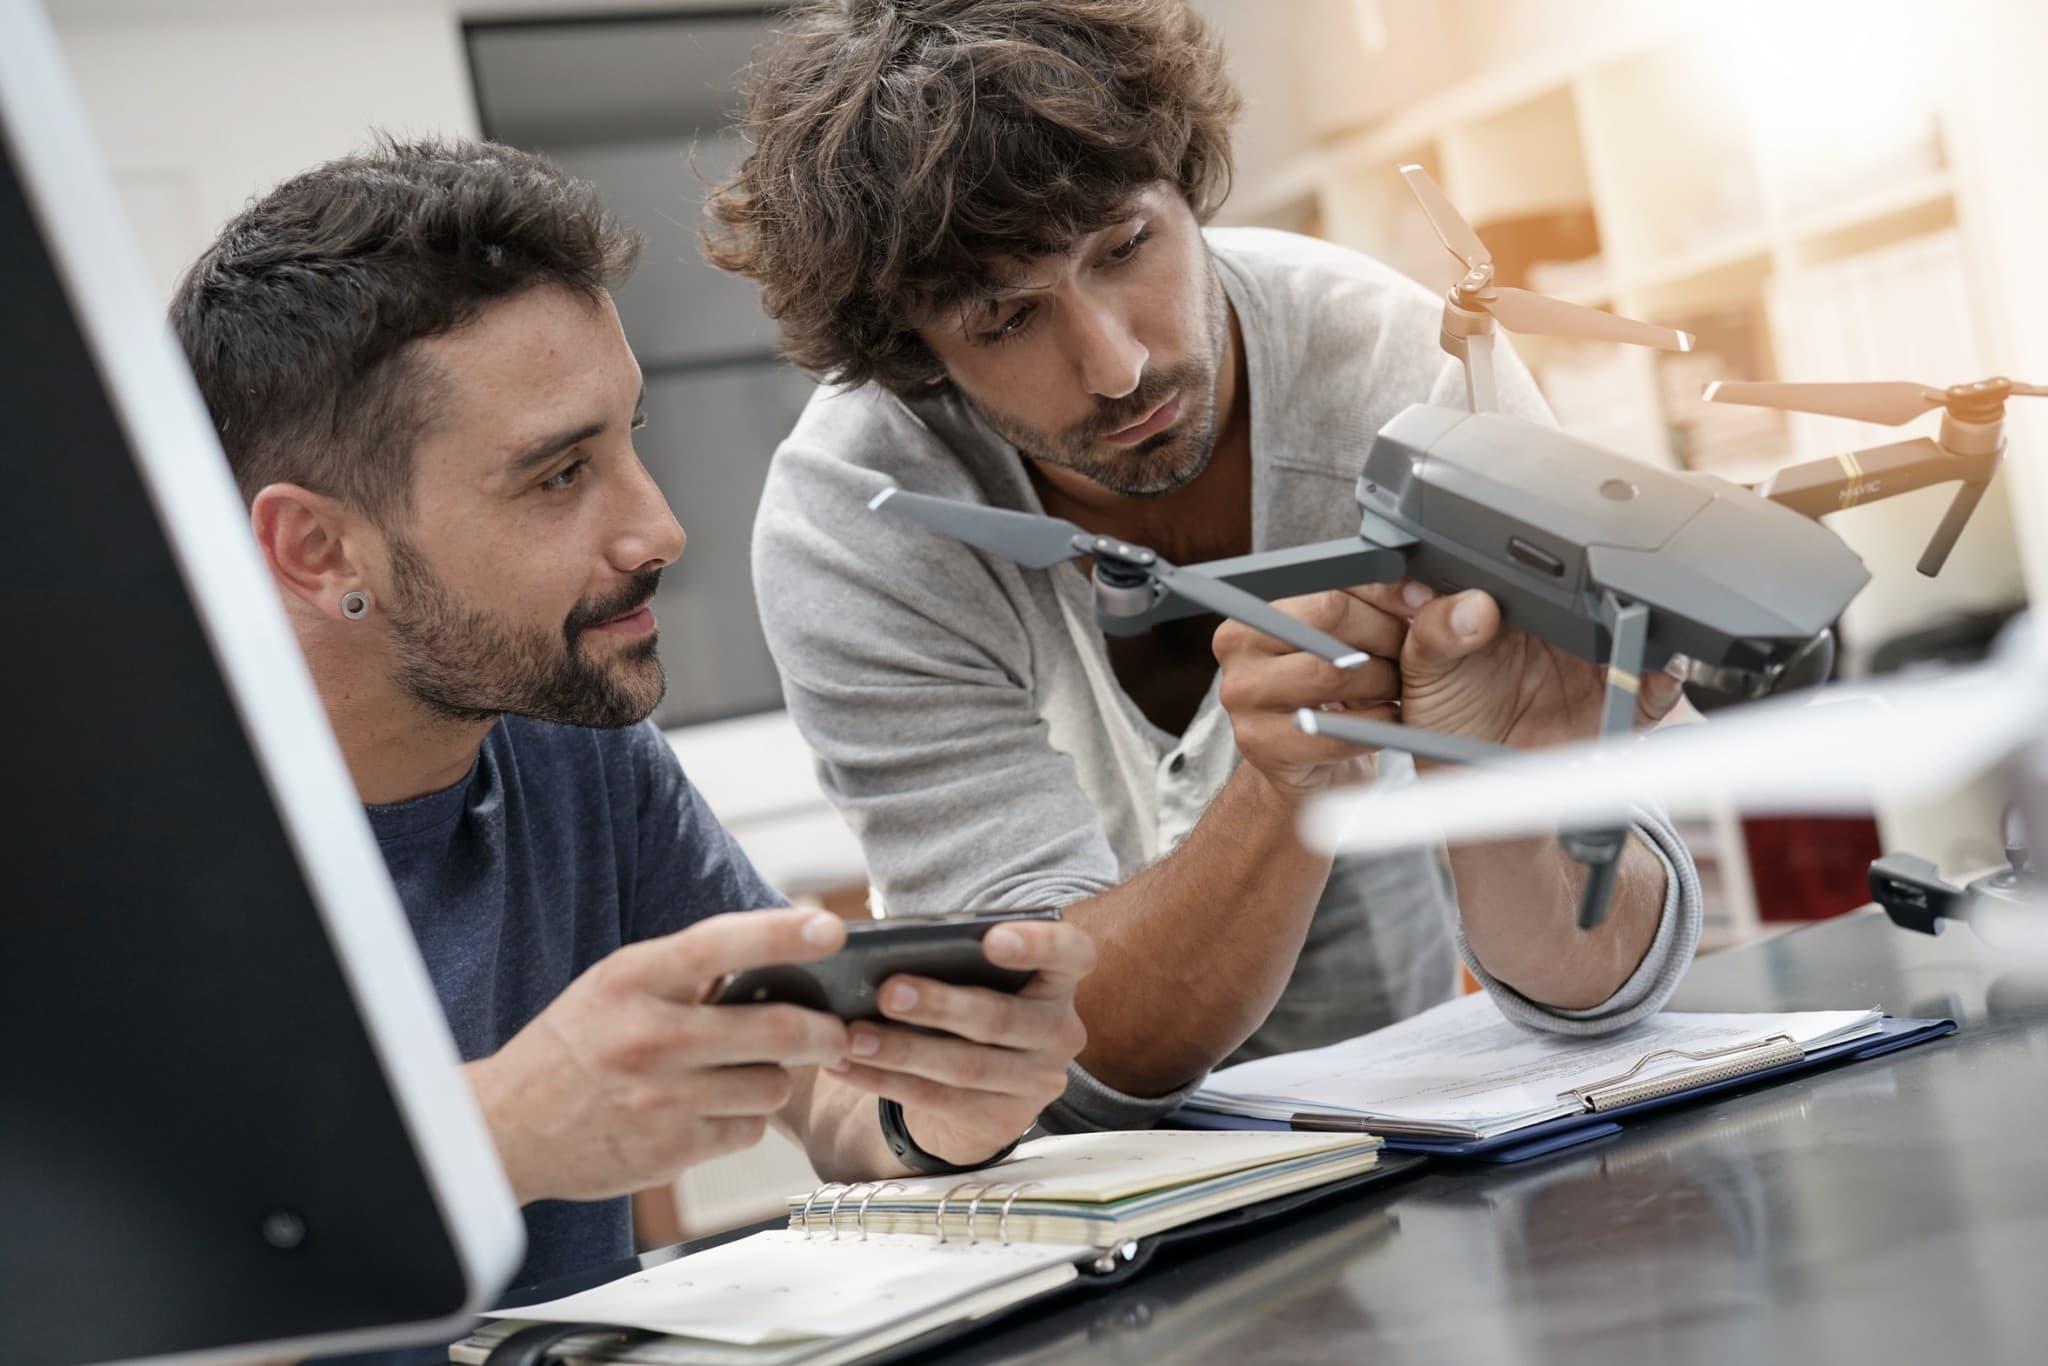 Ingenieur und Techniker arbeiten im Büro an einer Drohne